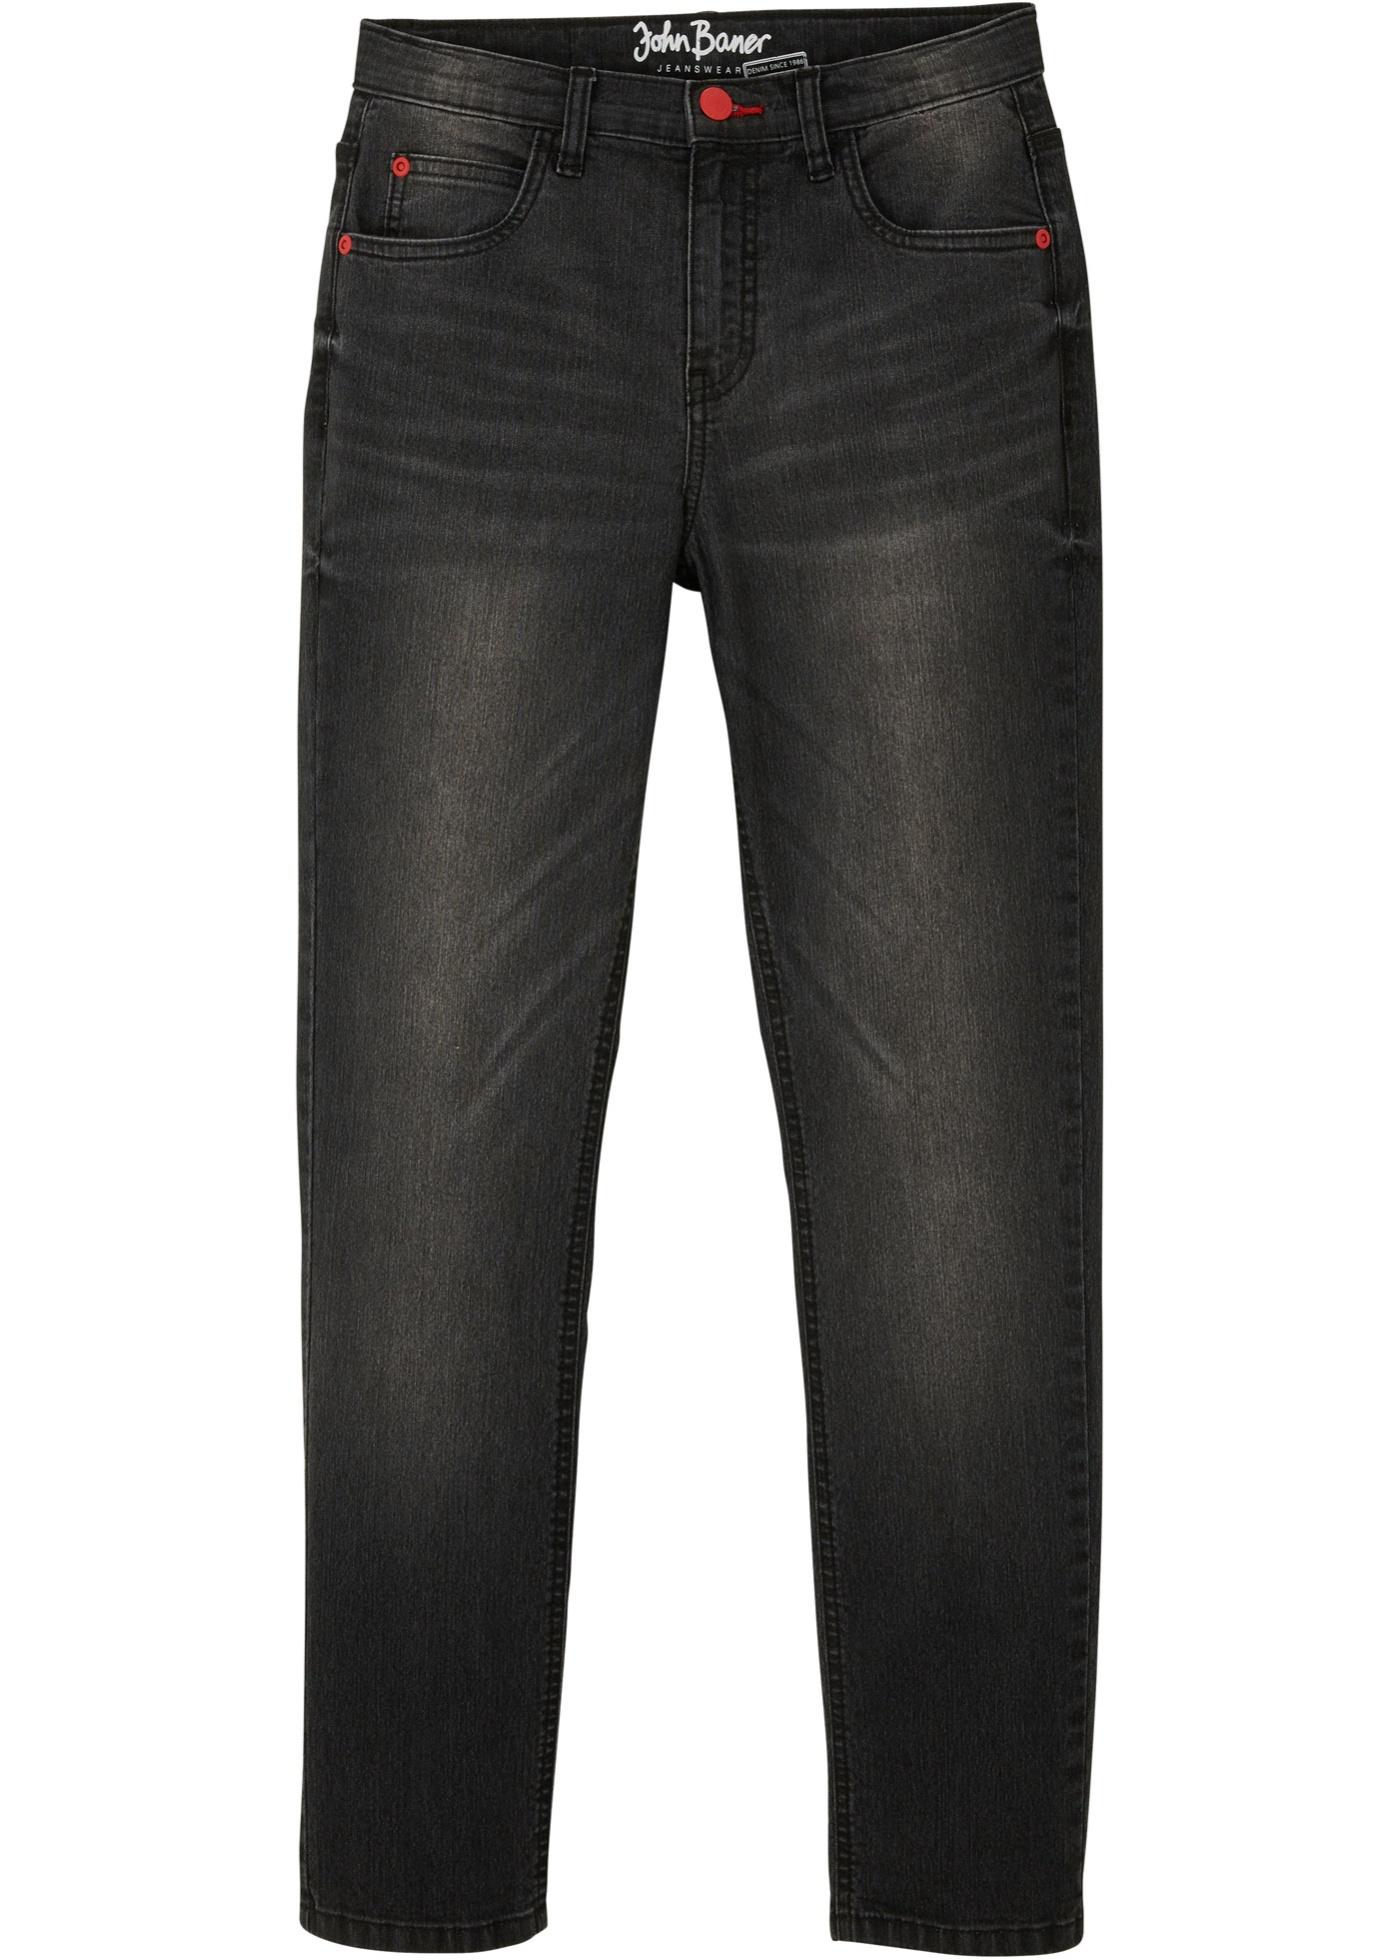 Jungen Jeans mit cooler Waschung, Slim Fit